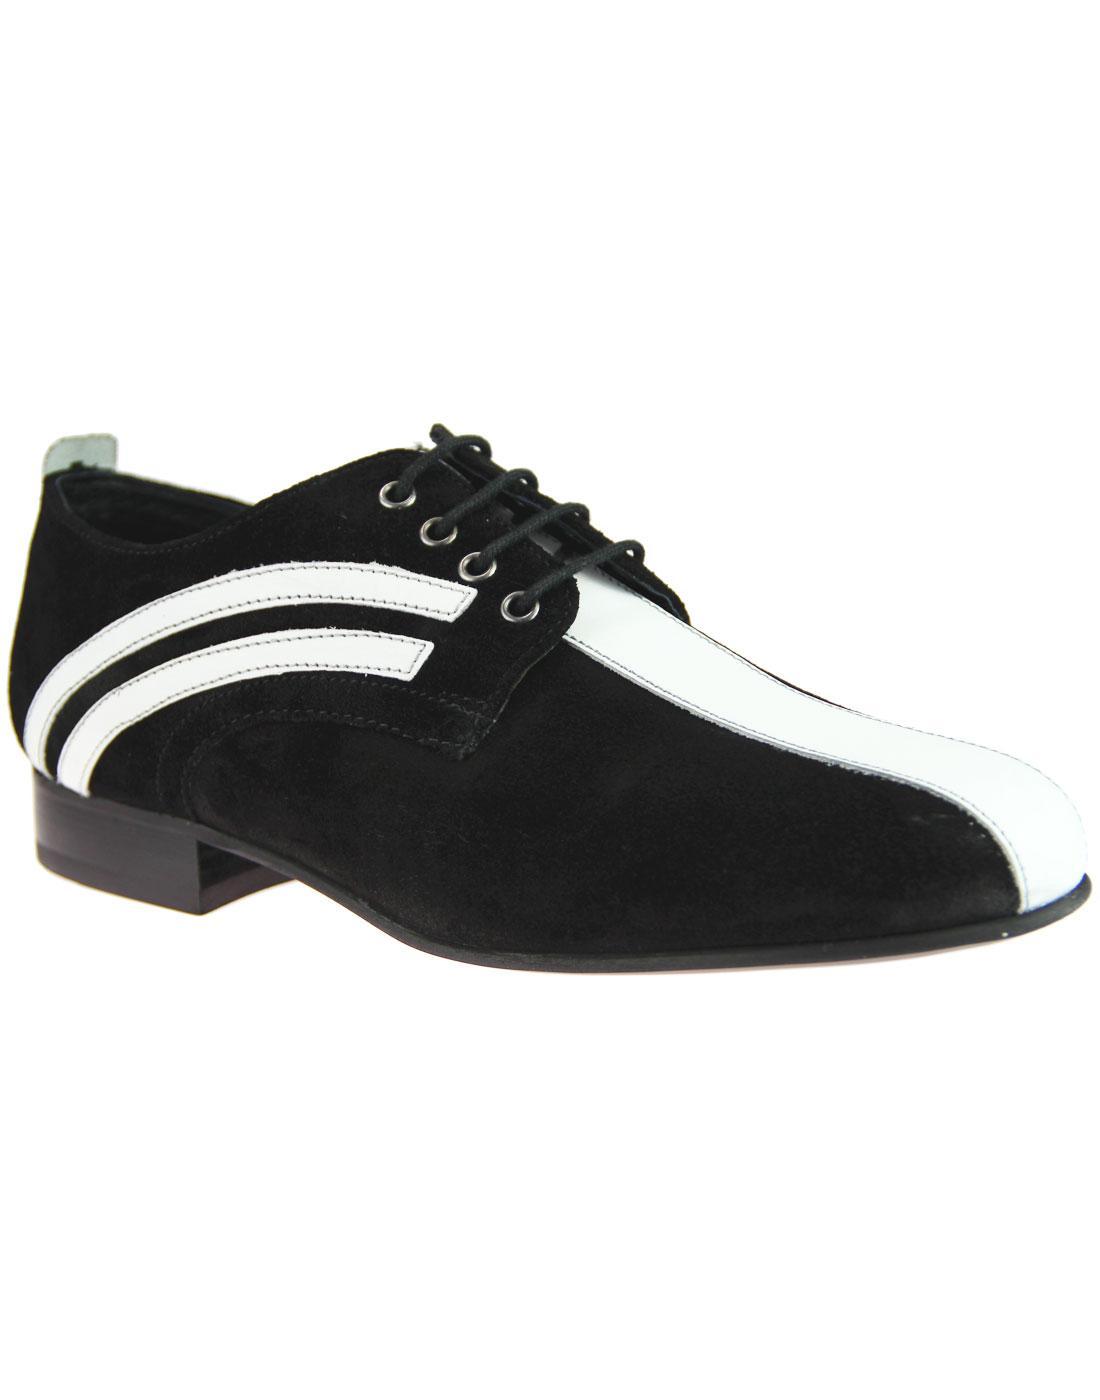 IKON ORIGINAL Retro Mod Badger Bowling Shoes BLACK